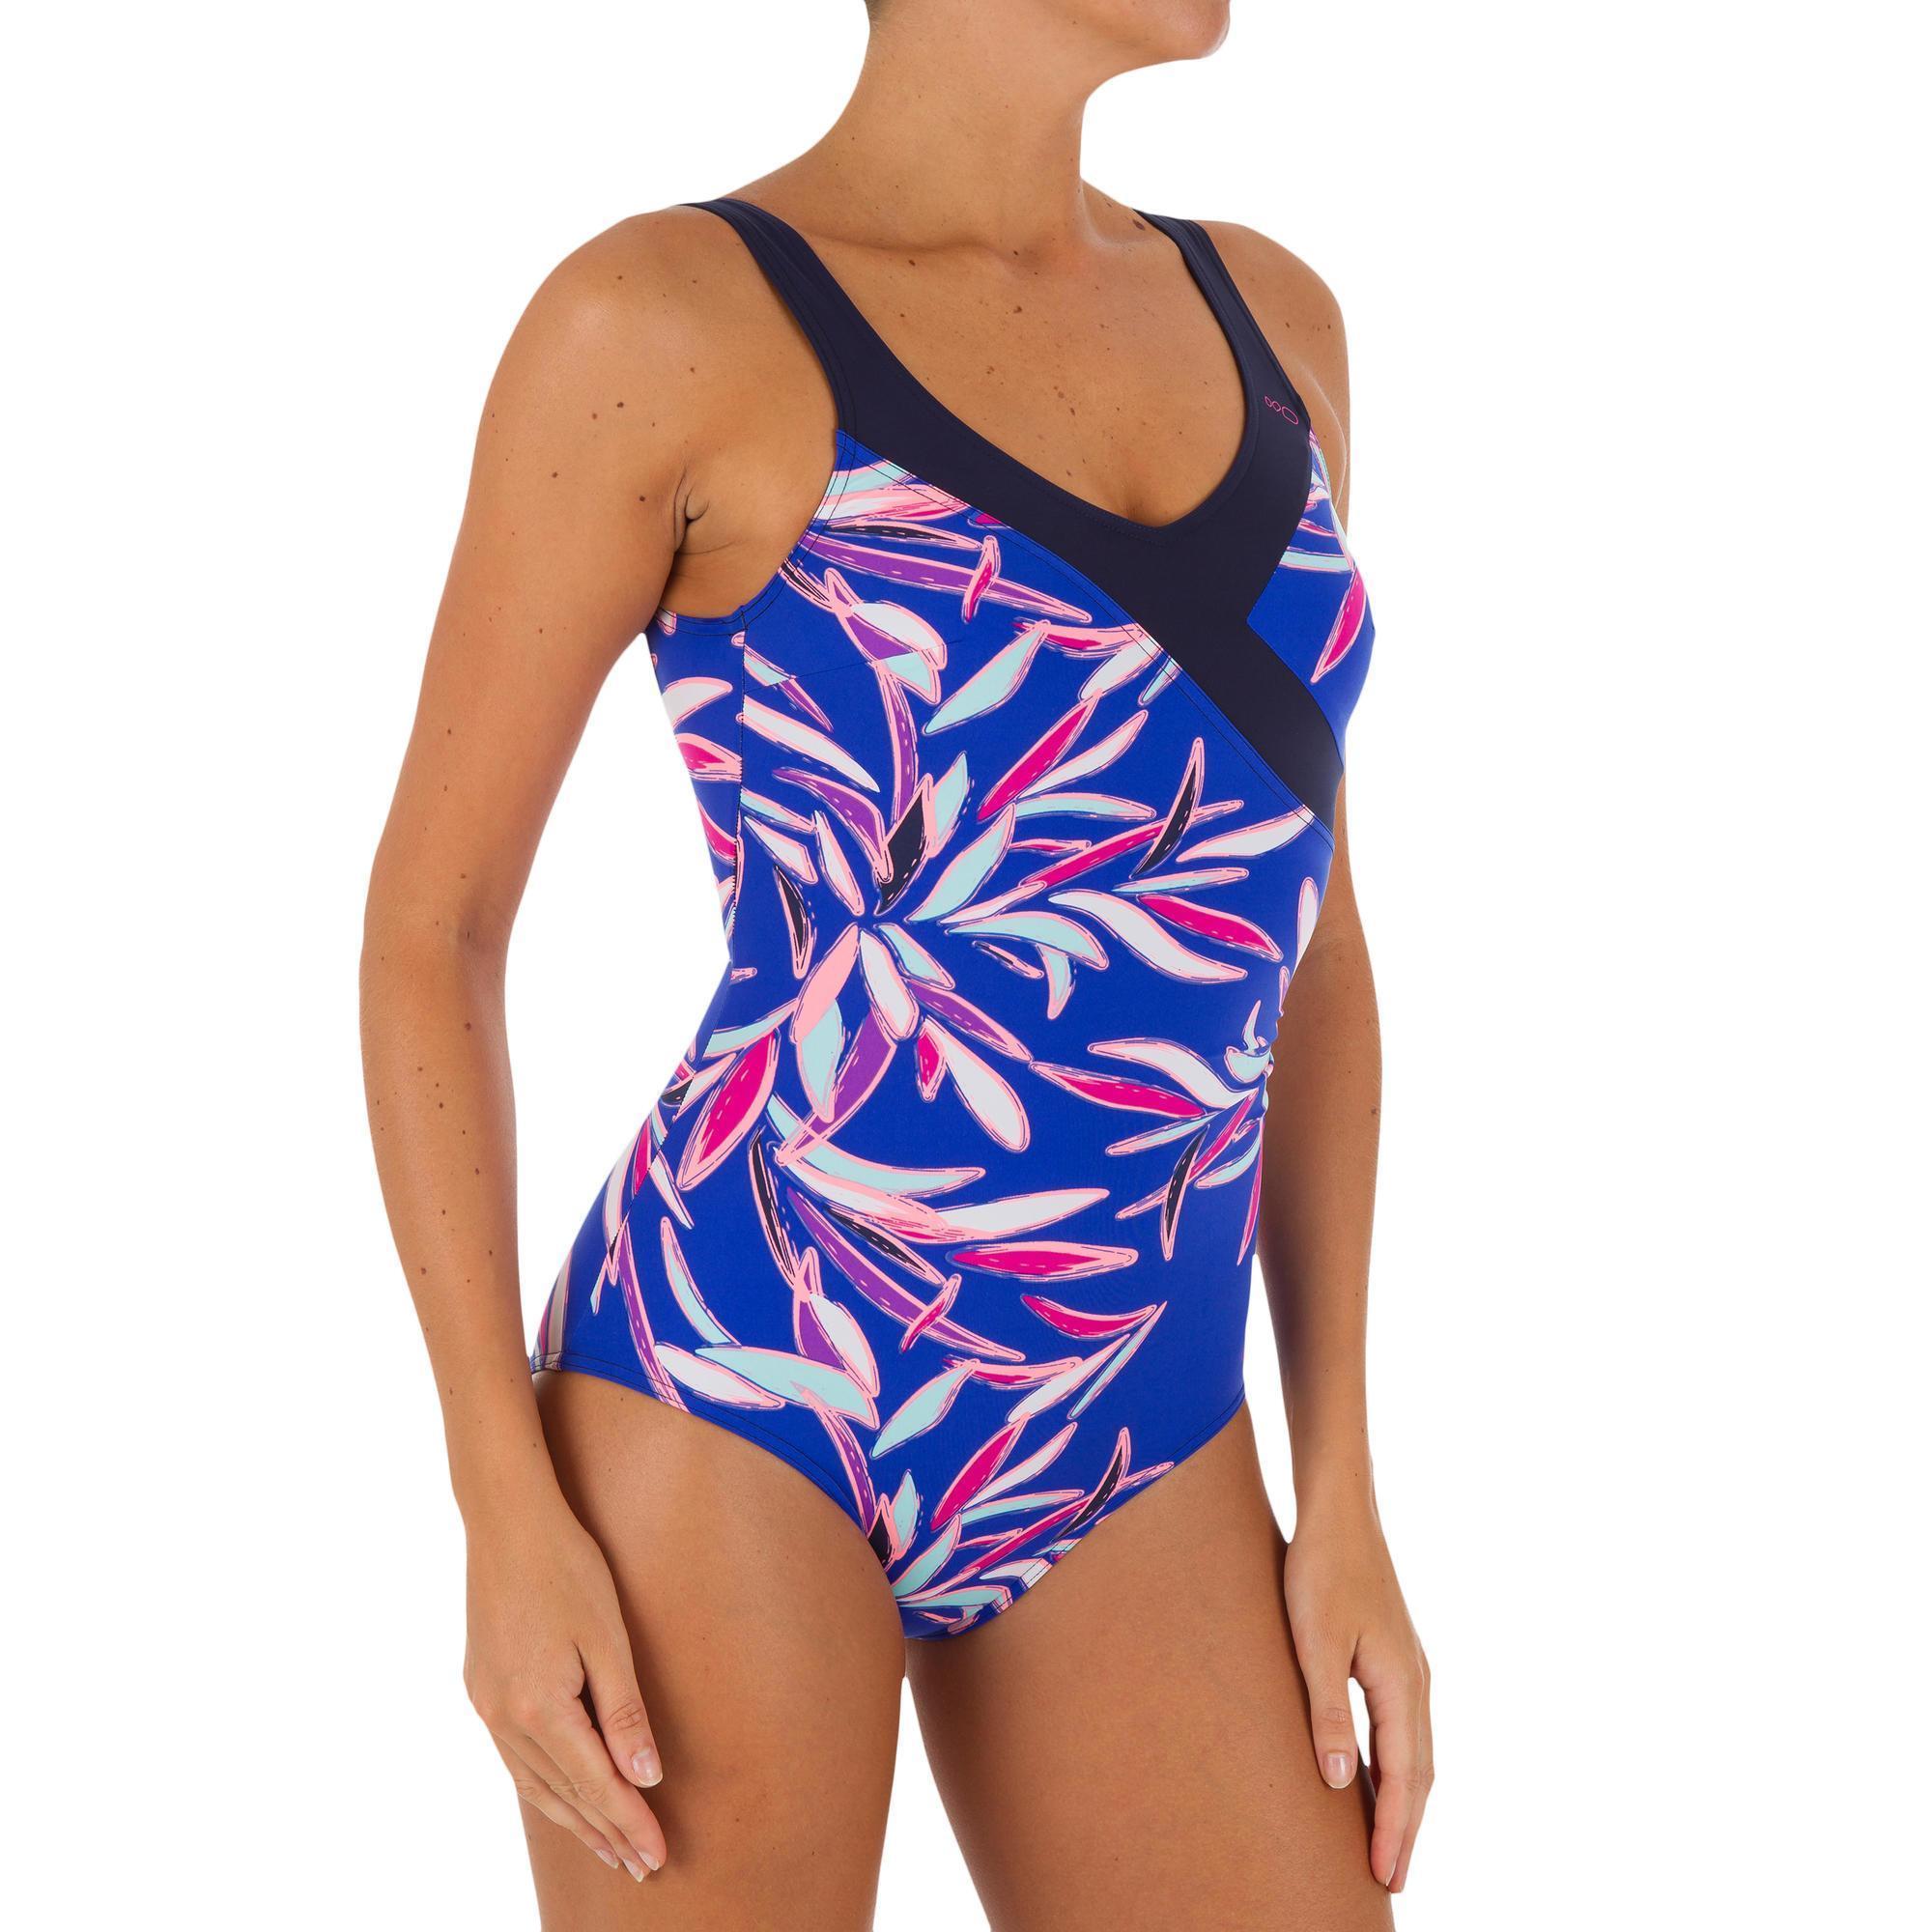 544dccafe9f36 maillot de bain nabaiji,GROUPE 2 Sports d u0027eau Maillot aquagym Karli noir  NABAIJI Aquagym, aquabike